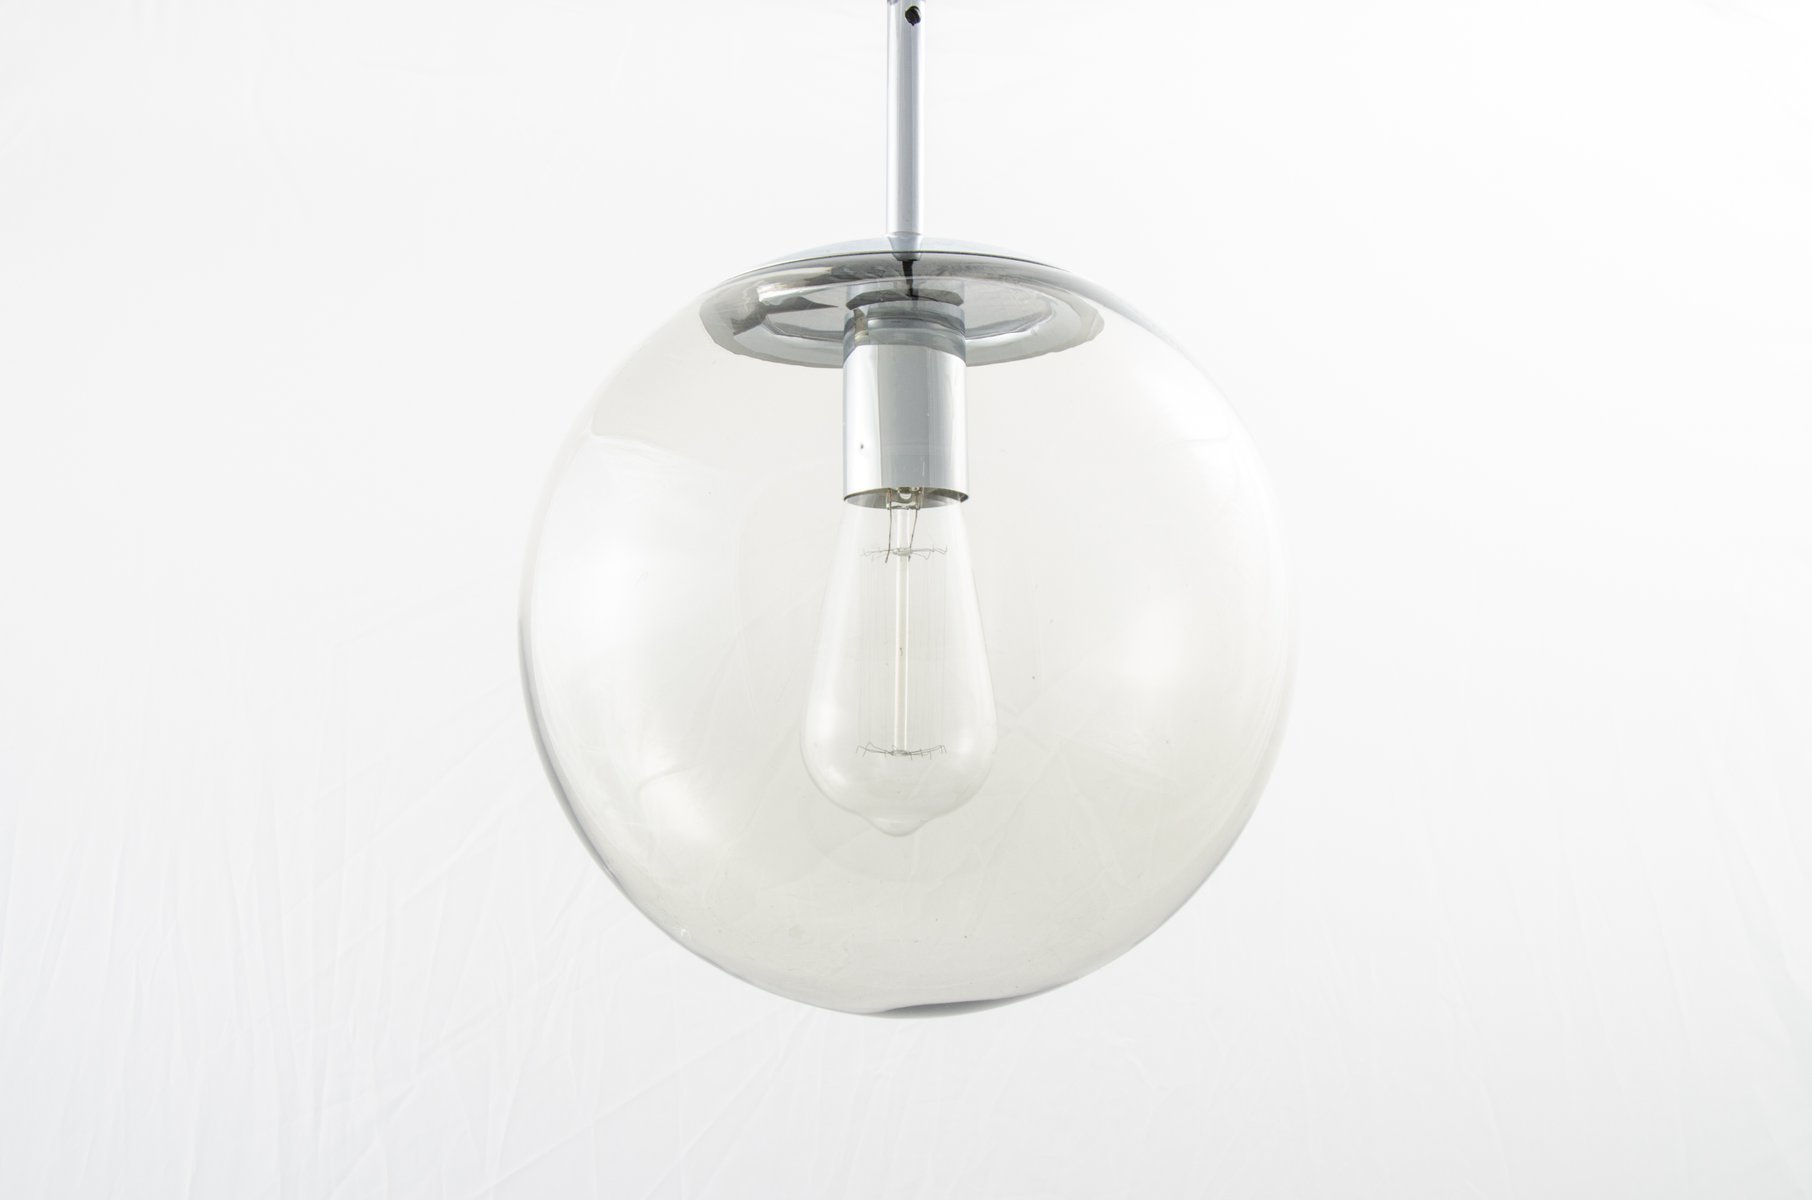 Kristal Lampen Amsterdam : Globus deckenlampe aus kristallglas von frank ligtelijn für raak